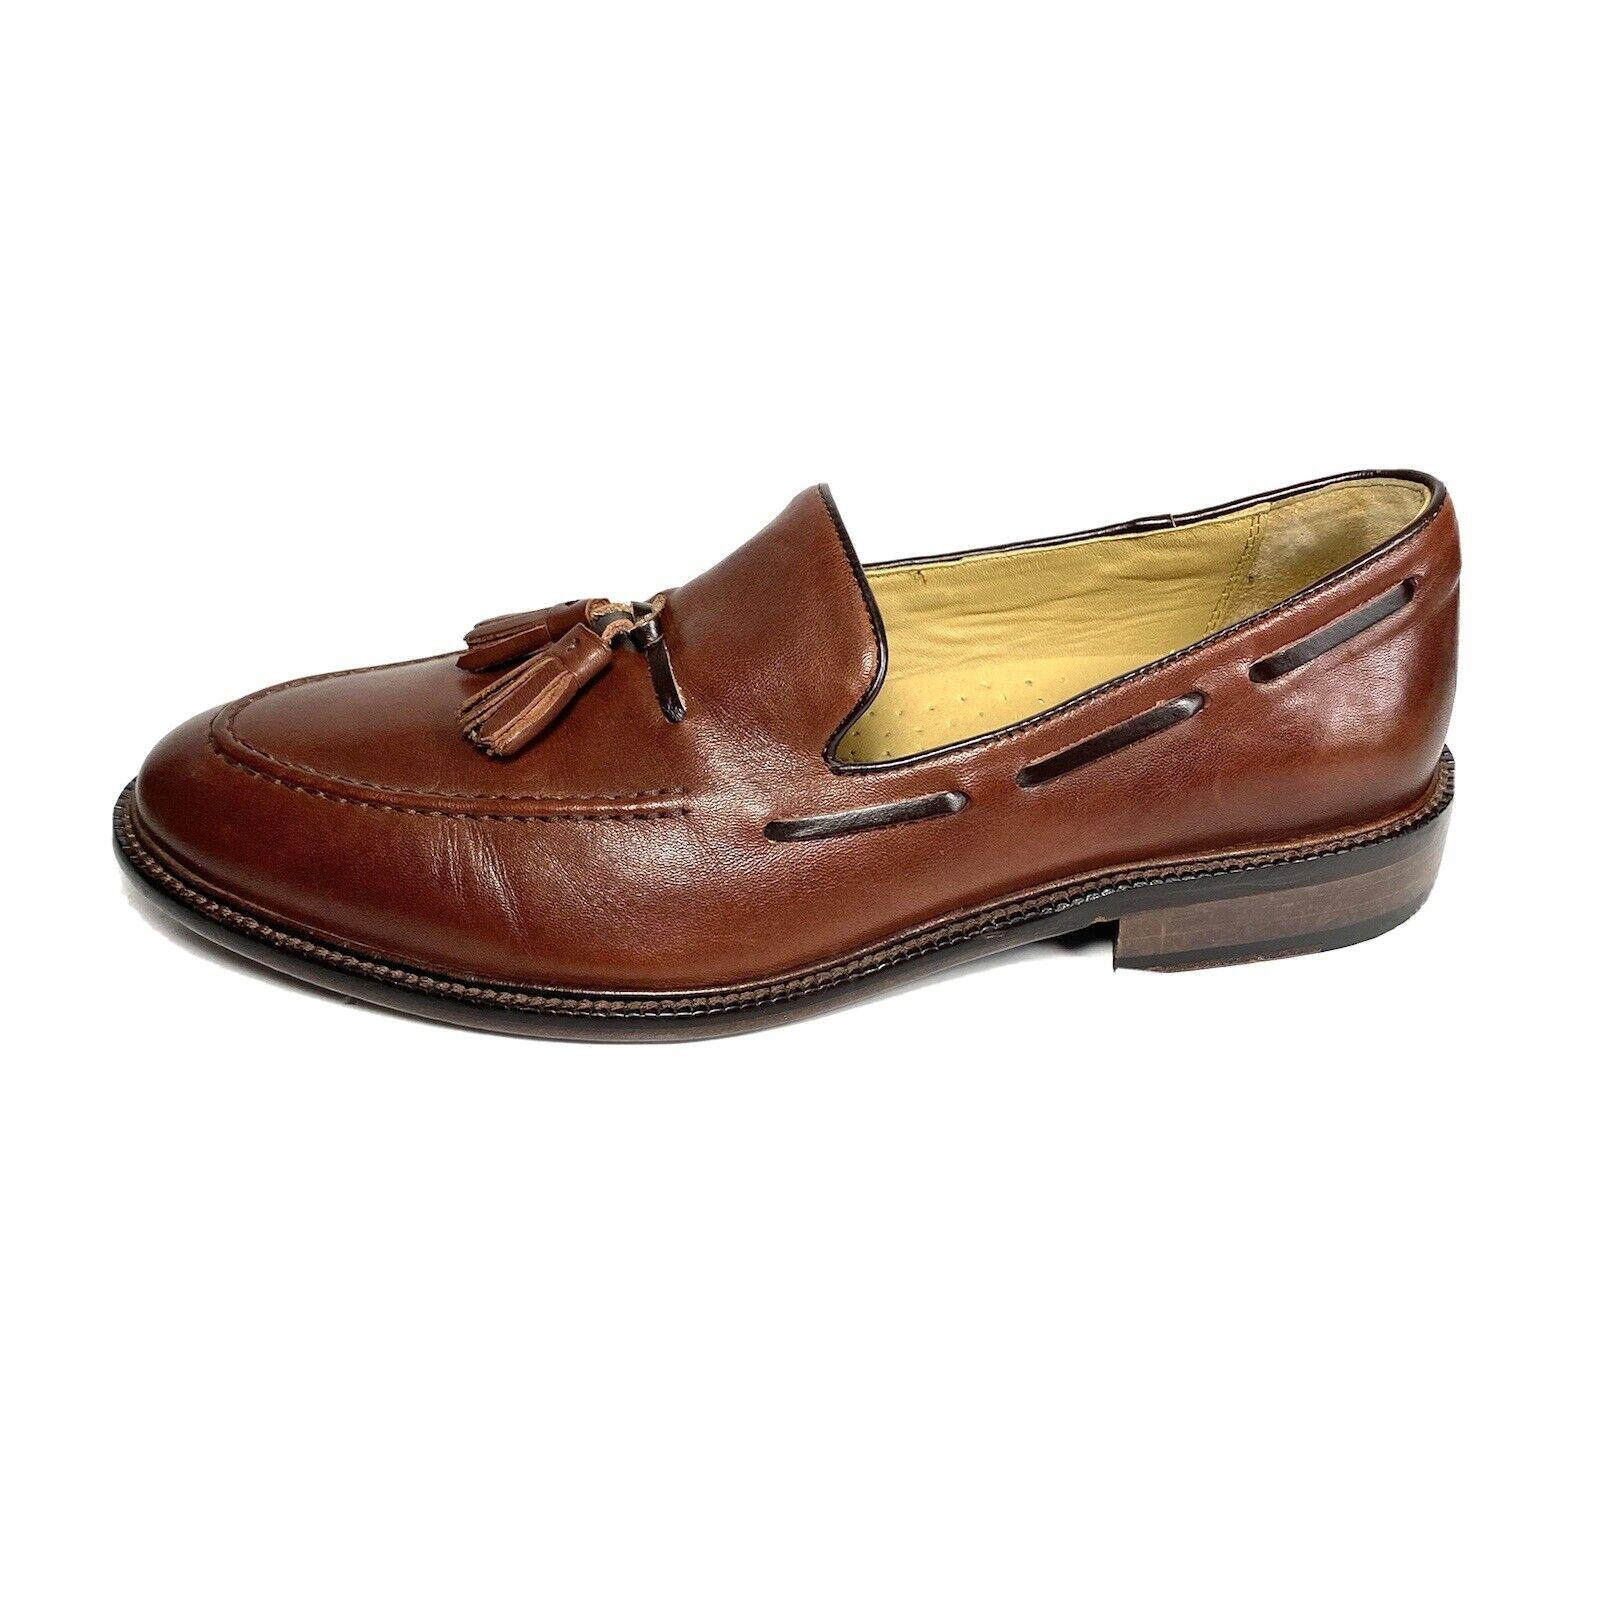 Johnston Murphy Men's Tassel Loafers Brown SheepSkin Leather Size 8.5 M